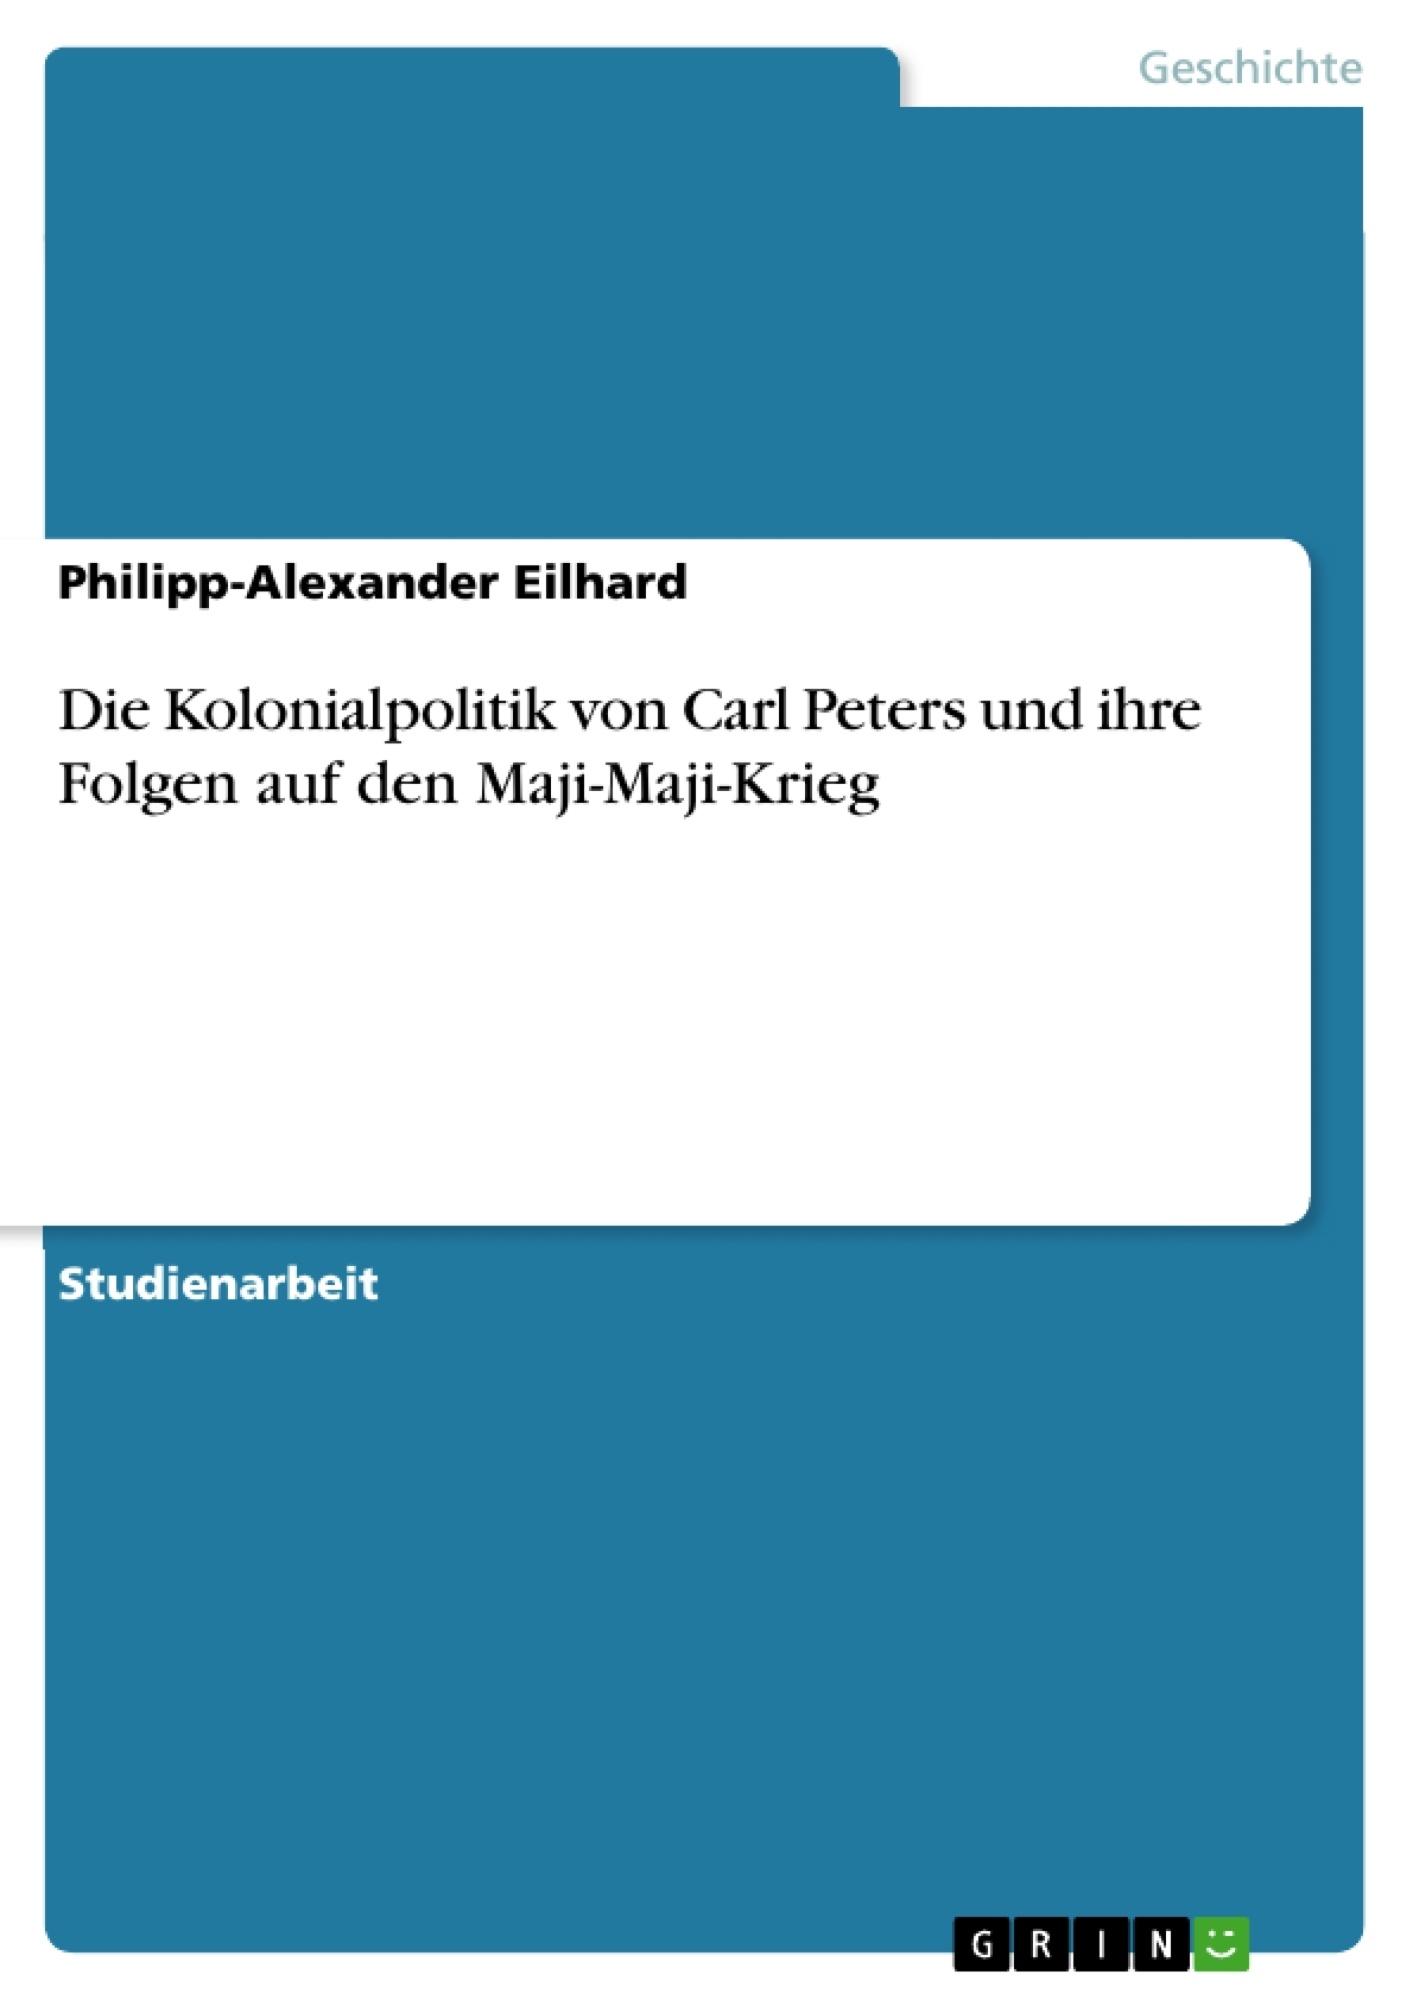 Titel: Die Kolonialpolitik von Carl Peters und ihre Folgen auf den Maji-Maji-Krieg